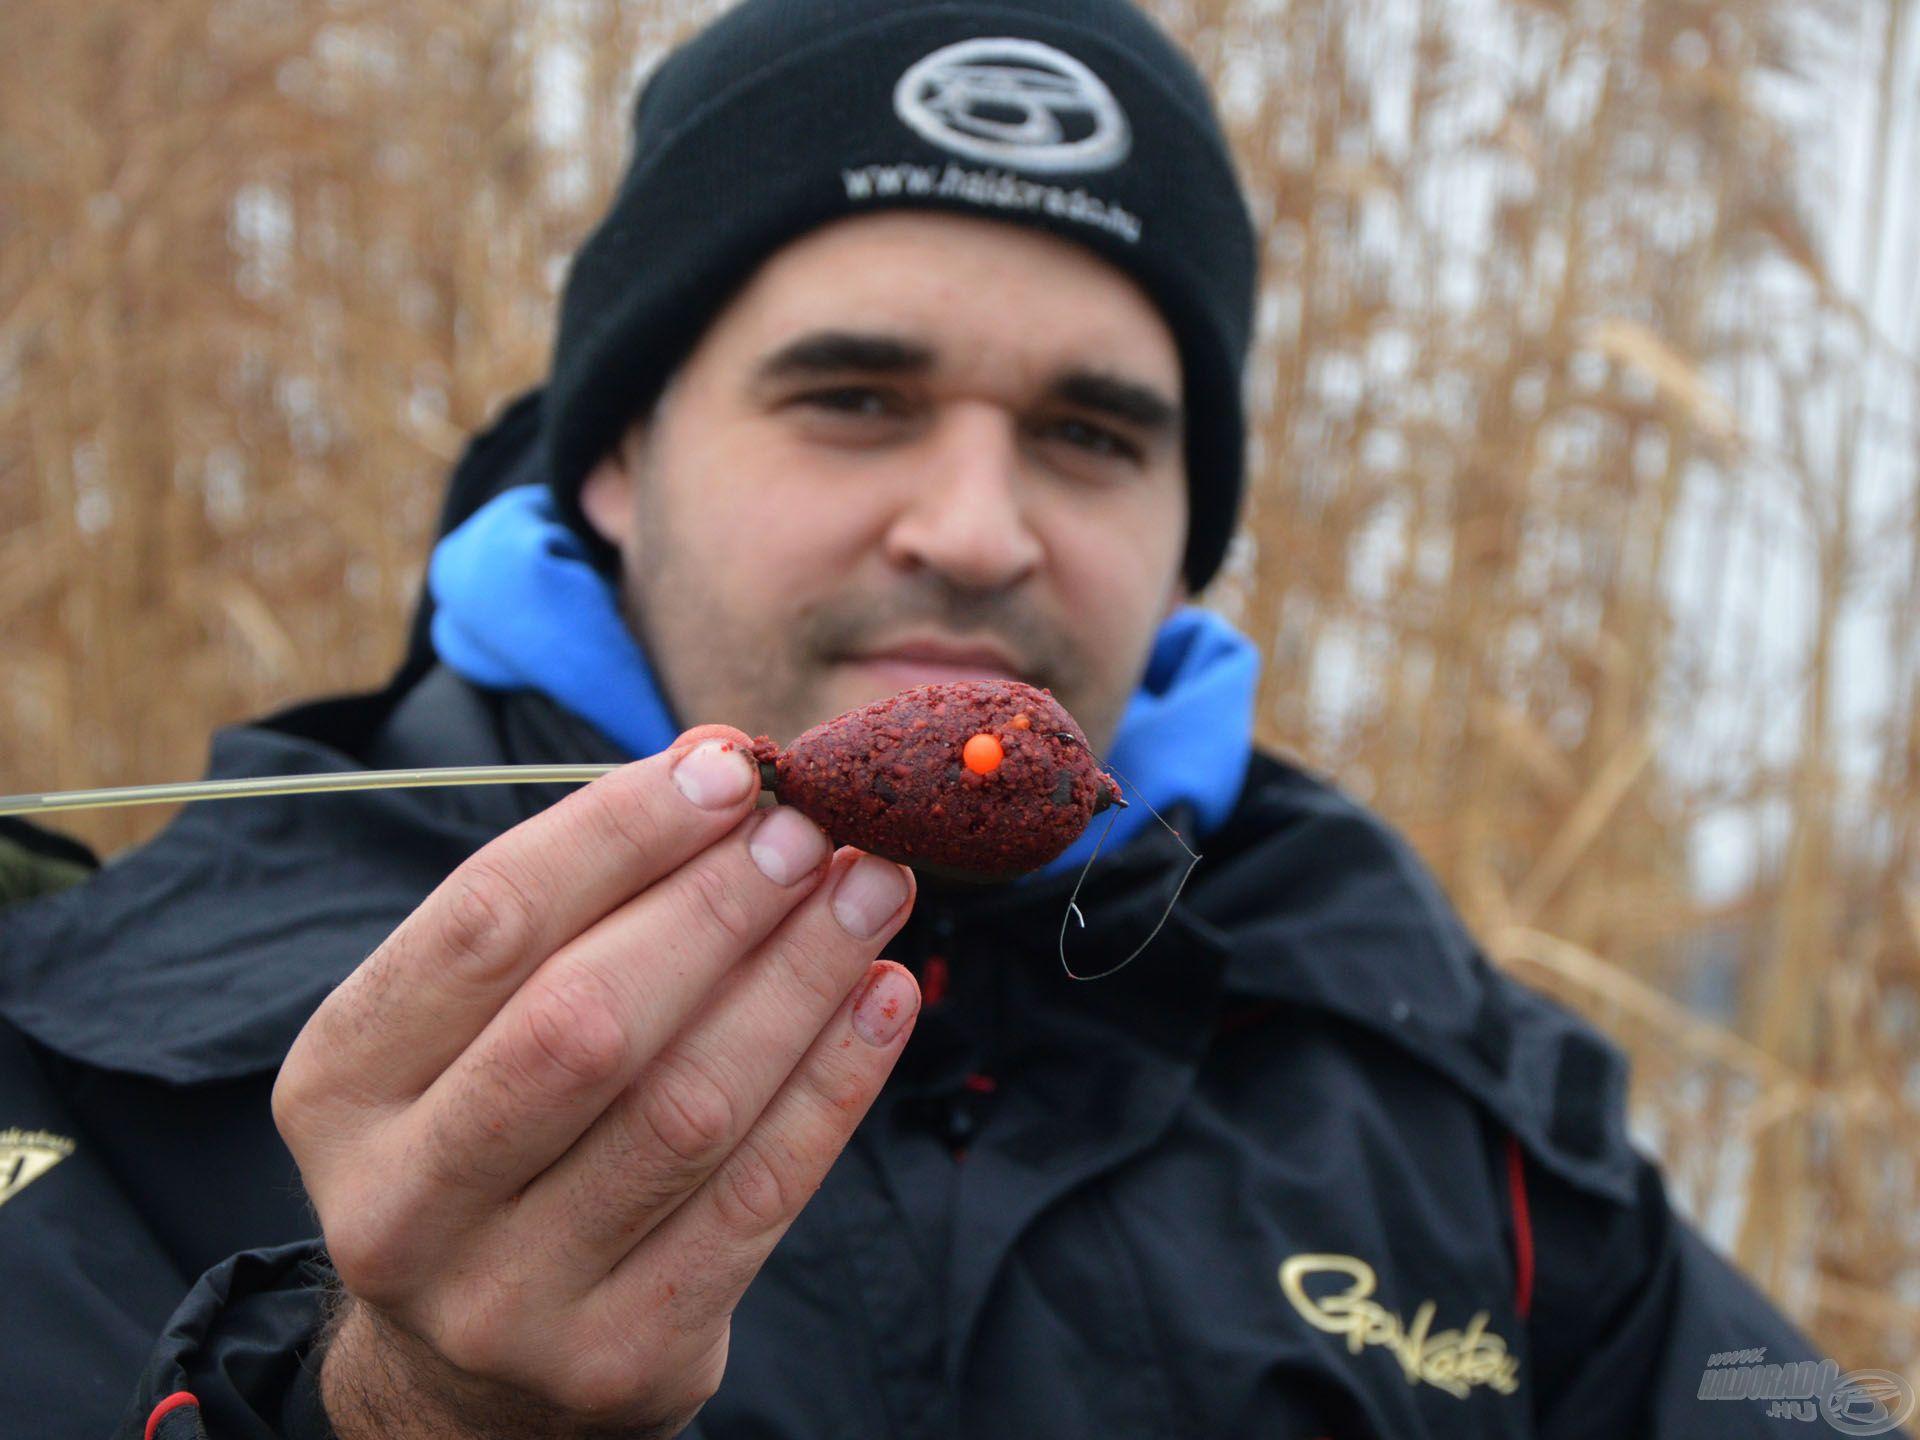 Télen nagy hal horgászathoz is bőven elegendő egy kosárnyi csalogató anyag!